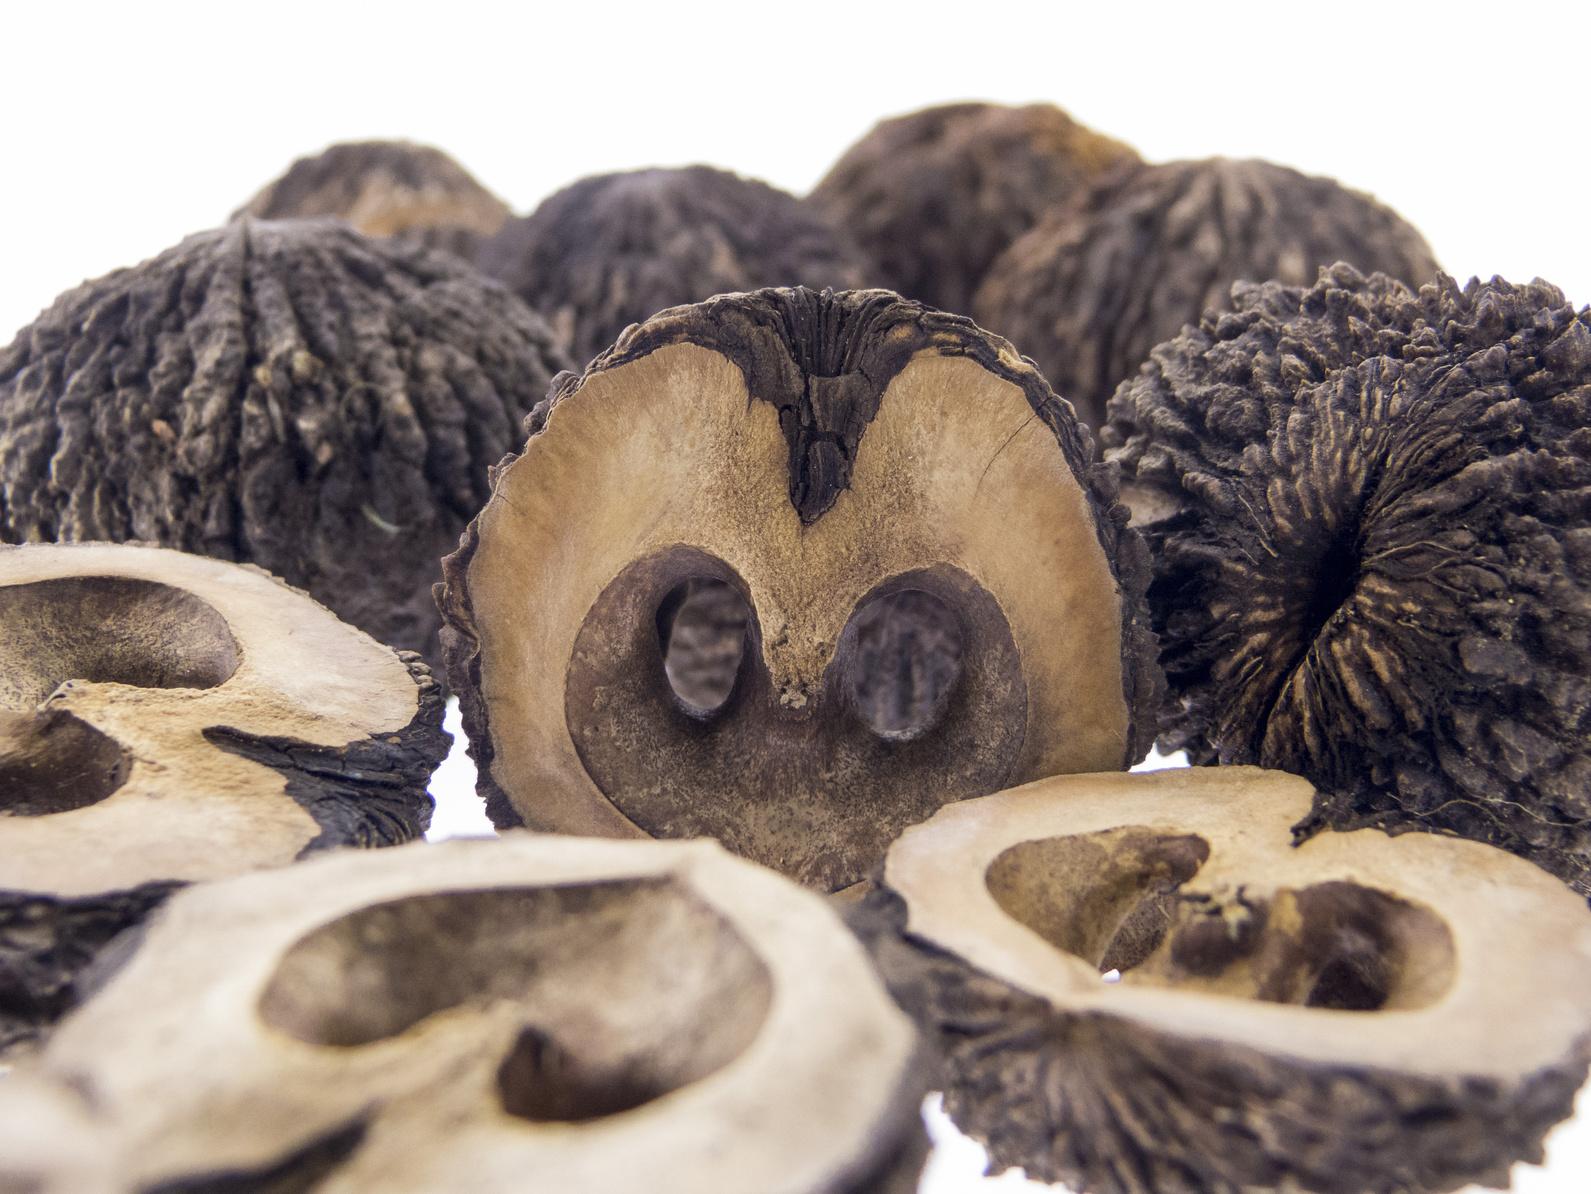 Schwarze Walnuss, Schwarznuss, Frucht, Juglans nigra L.